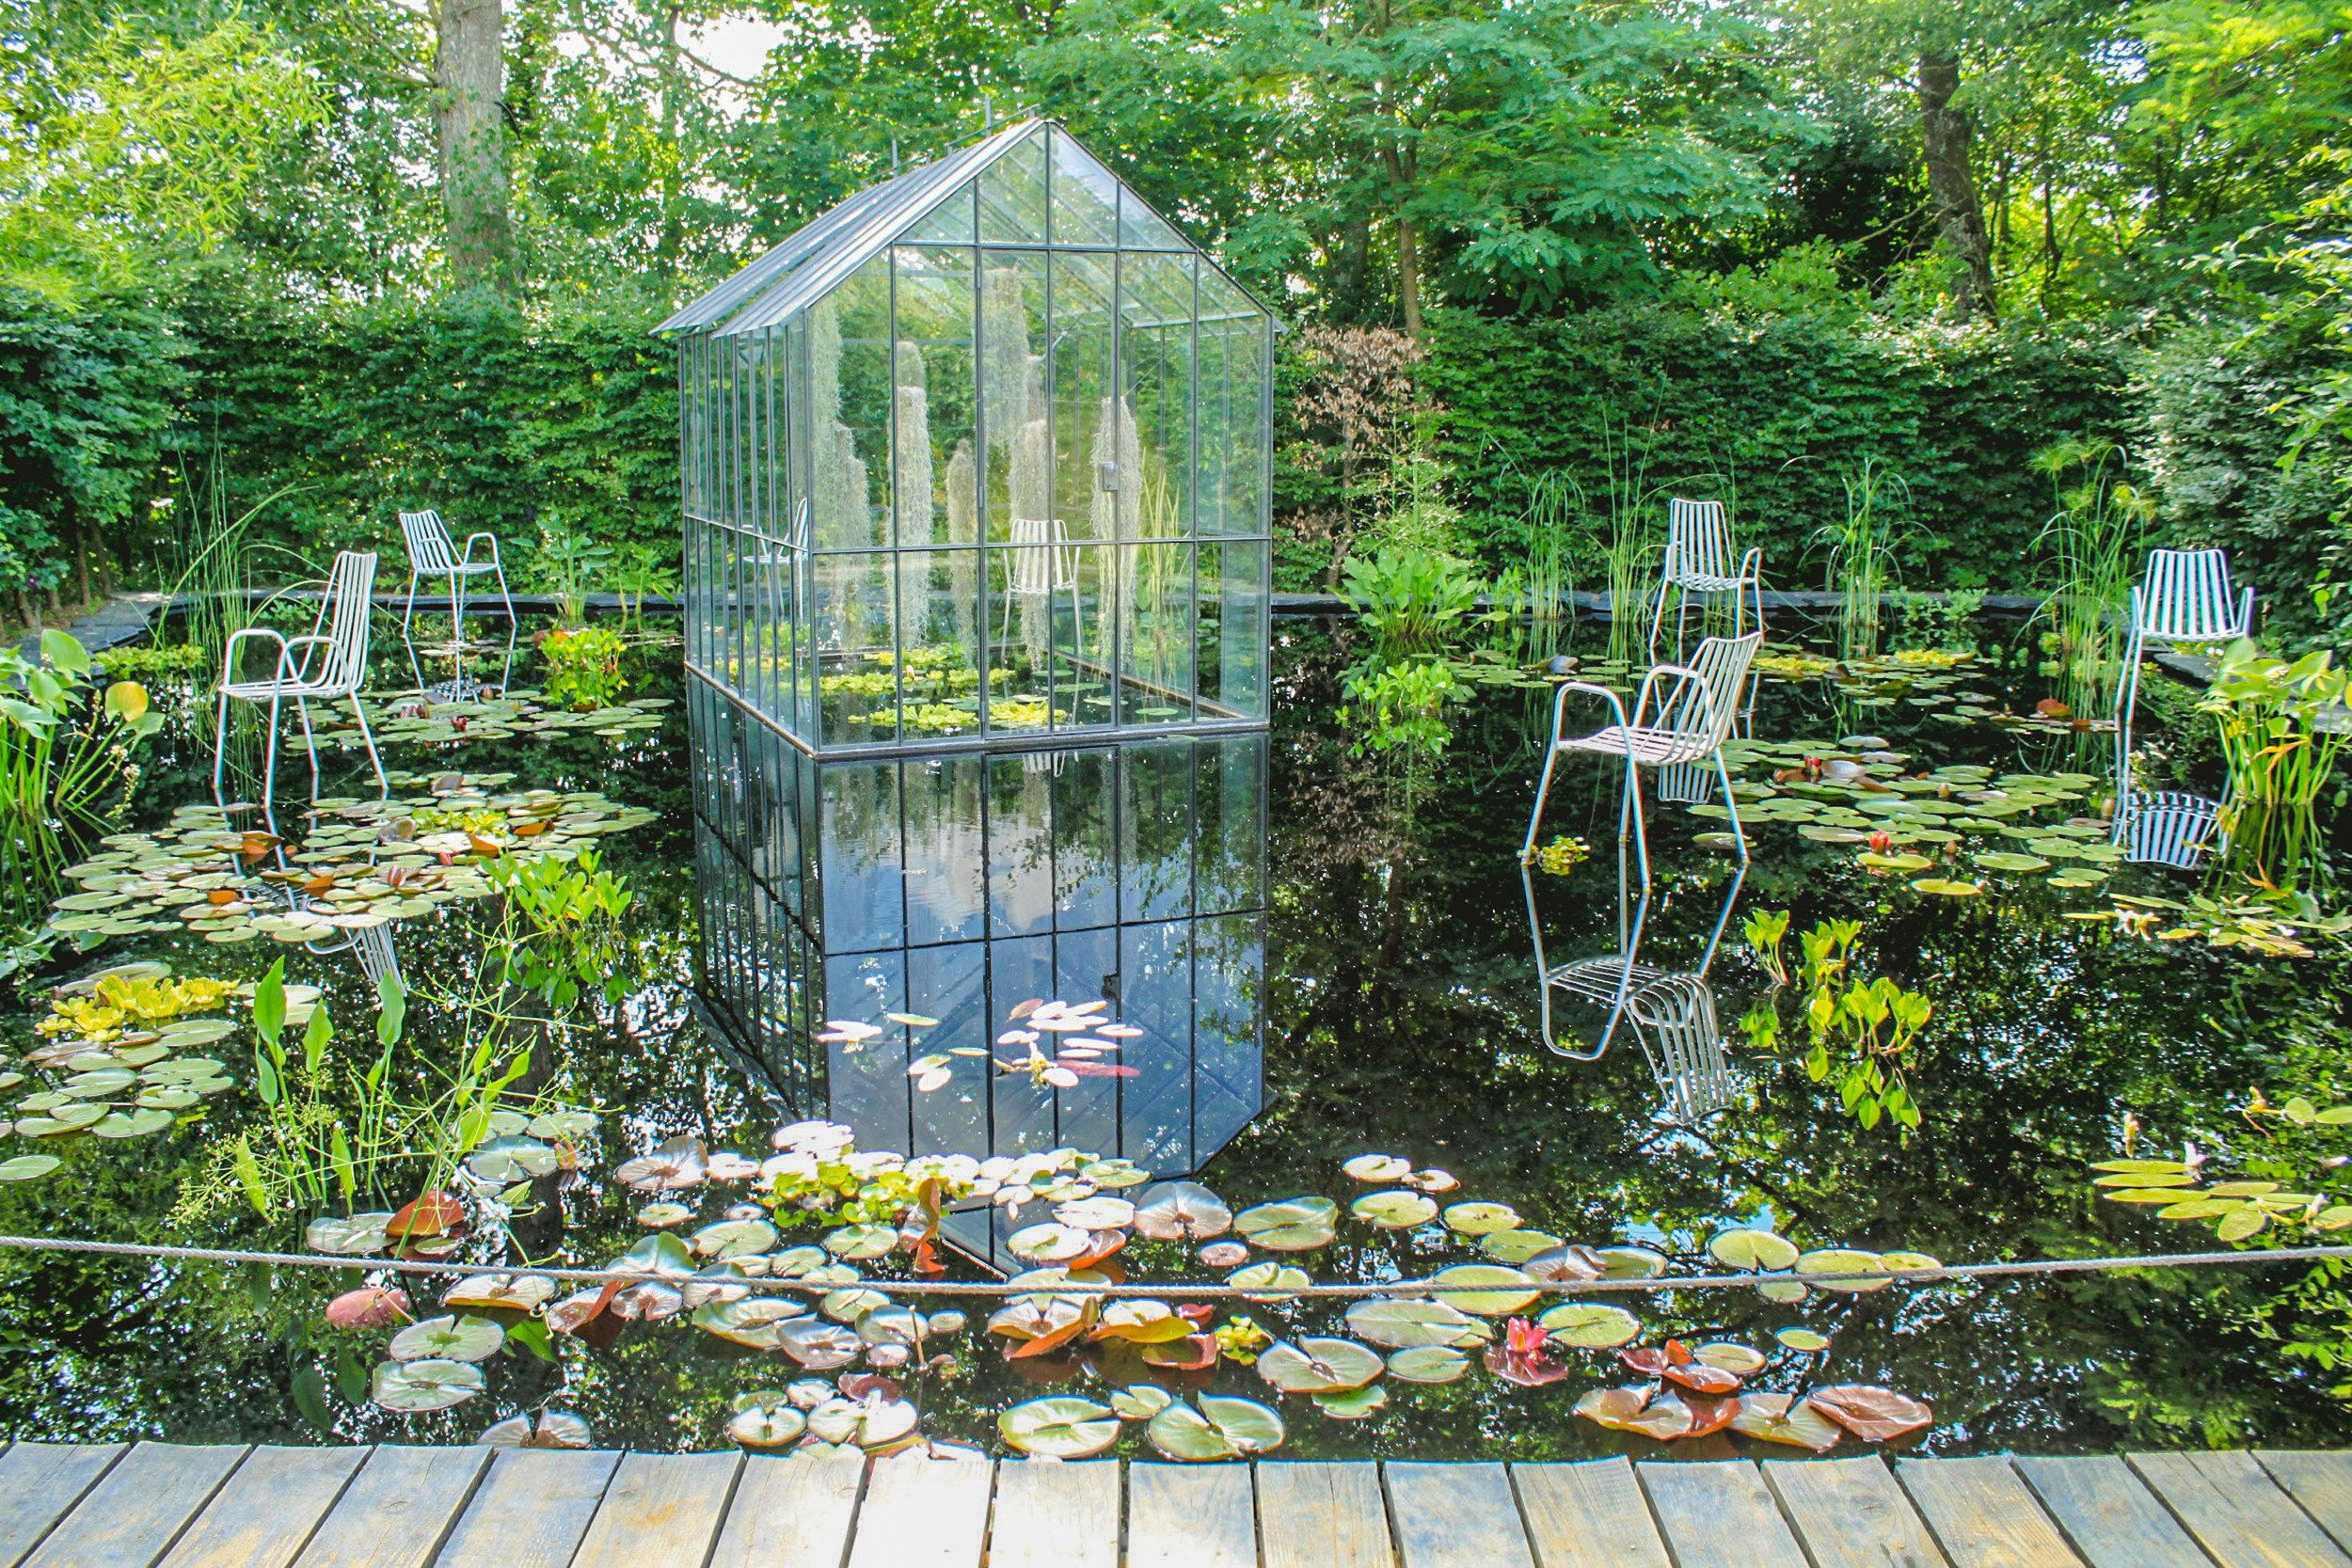 France - Villandry garden art show.jpg